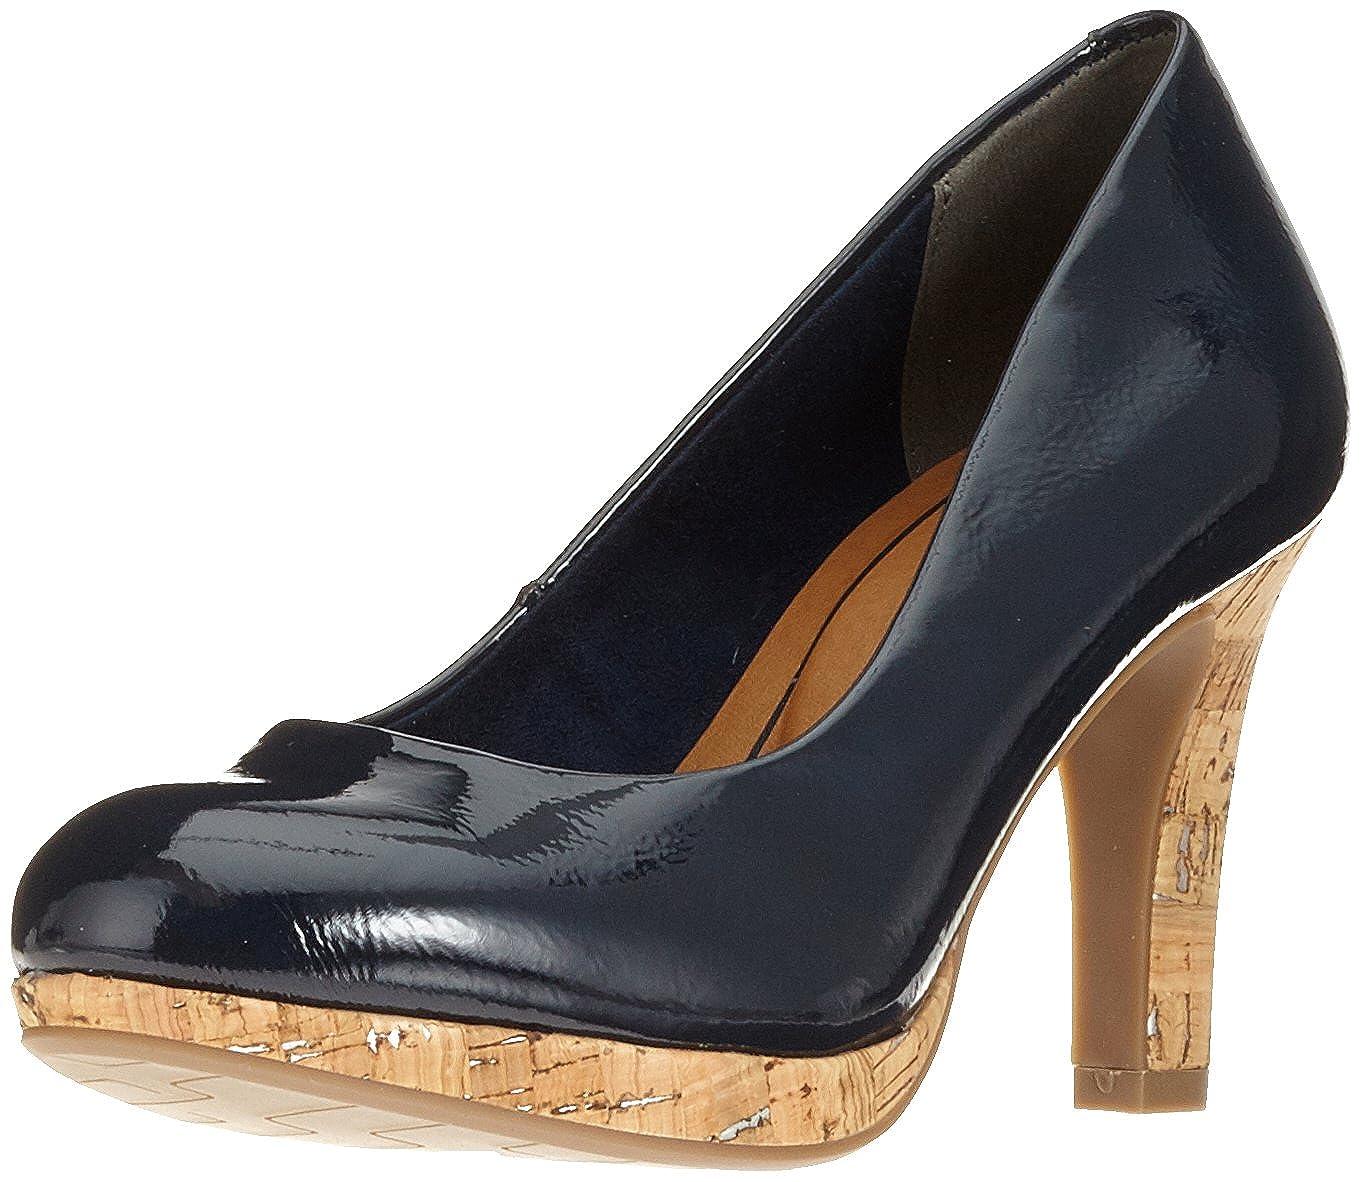 TALLA 37 EU. Marco Tozzi 22421, Zapatos de Tacón para Mujer